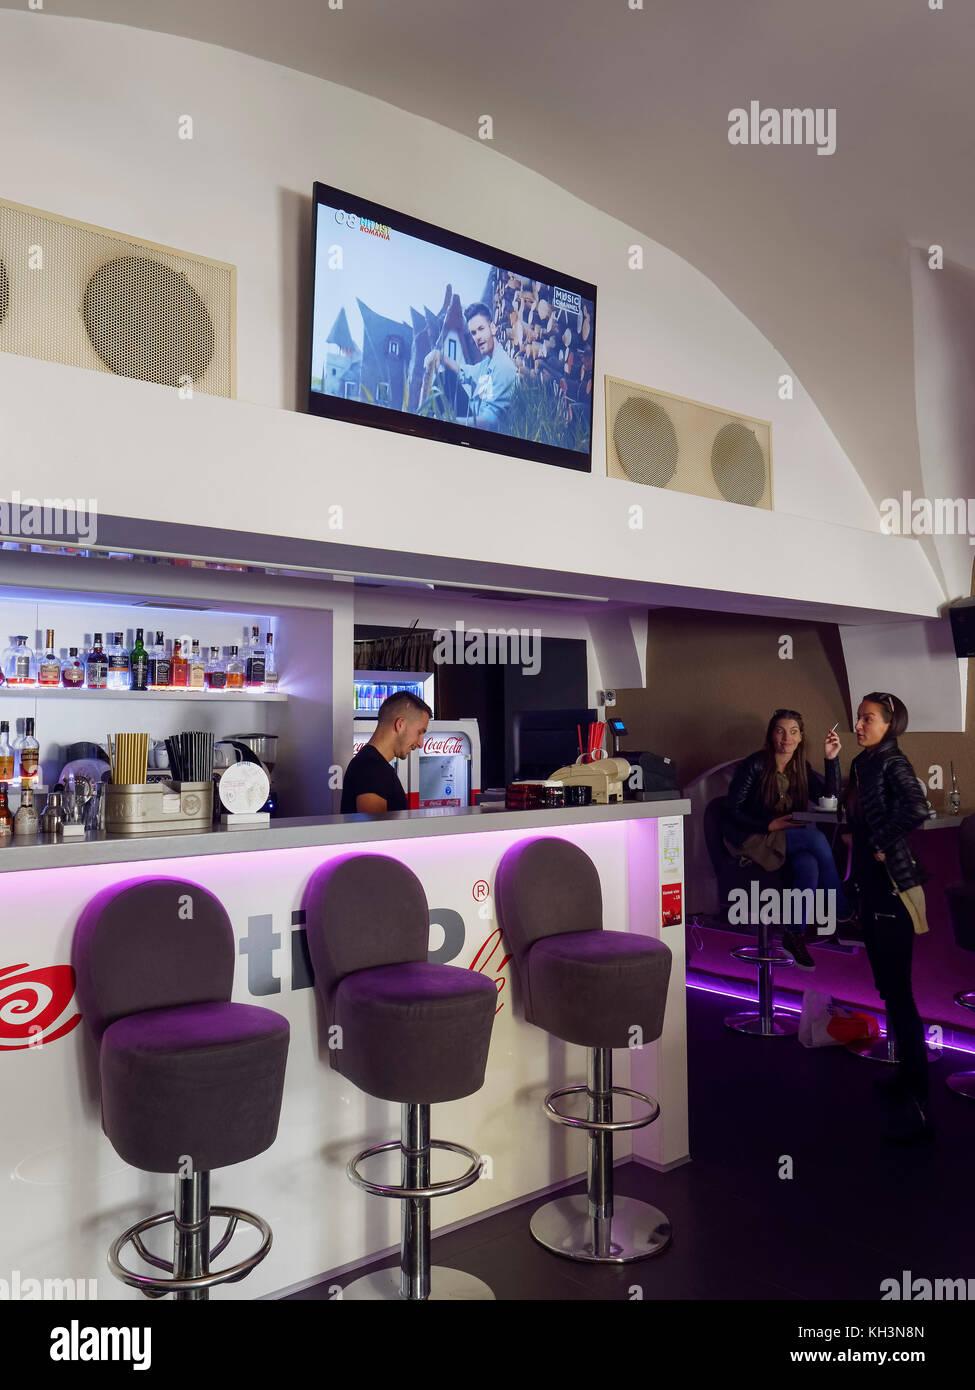 Café e bar positivo dolna 9 in Banska Bystrica, banskobystricky kraj, Slovacchia, europa Immagini Stock